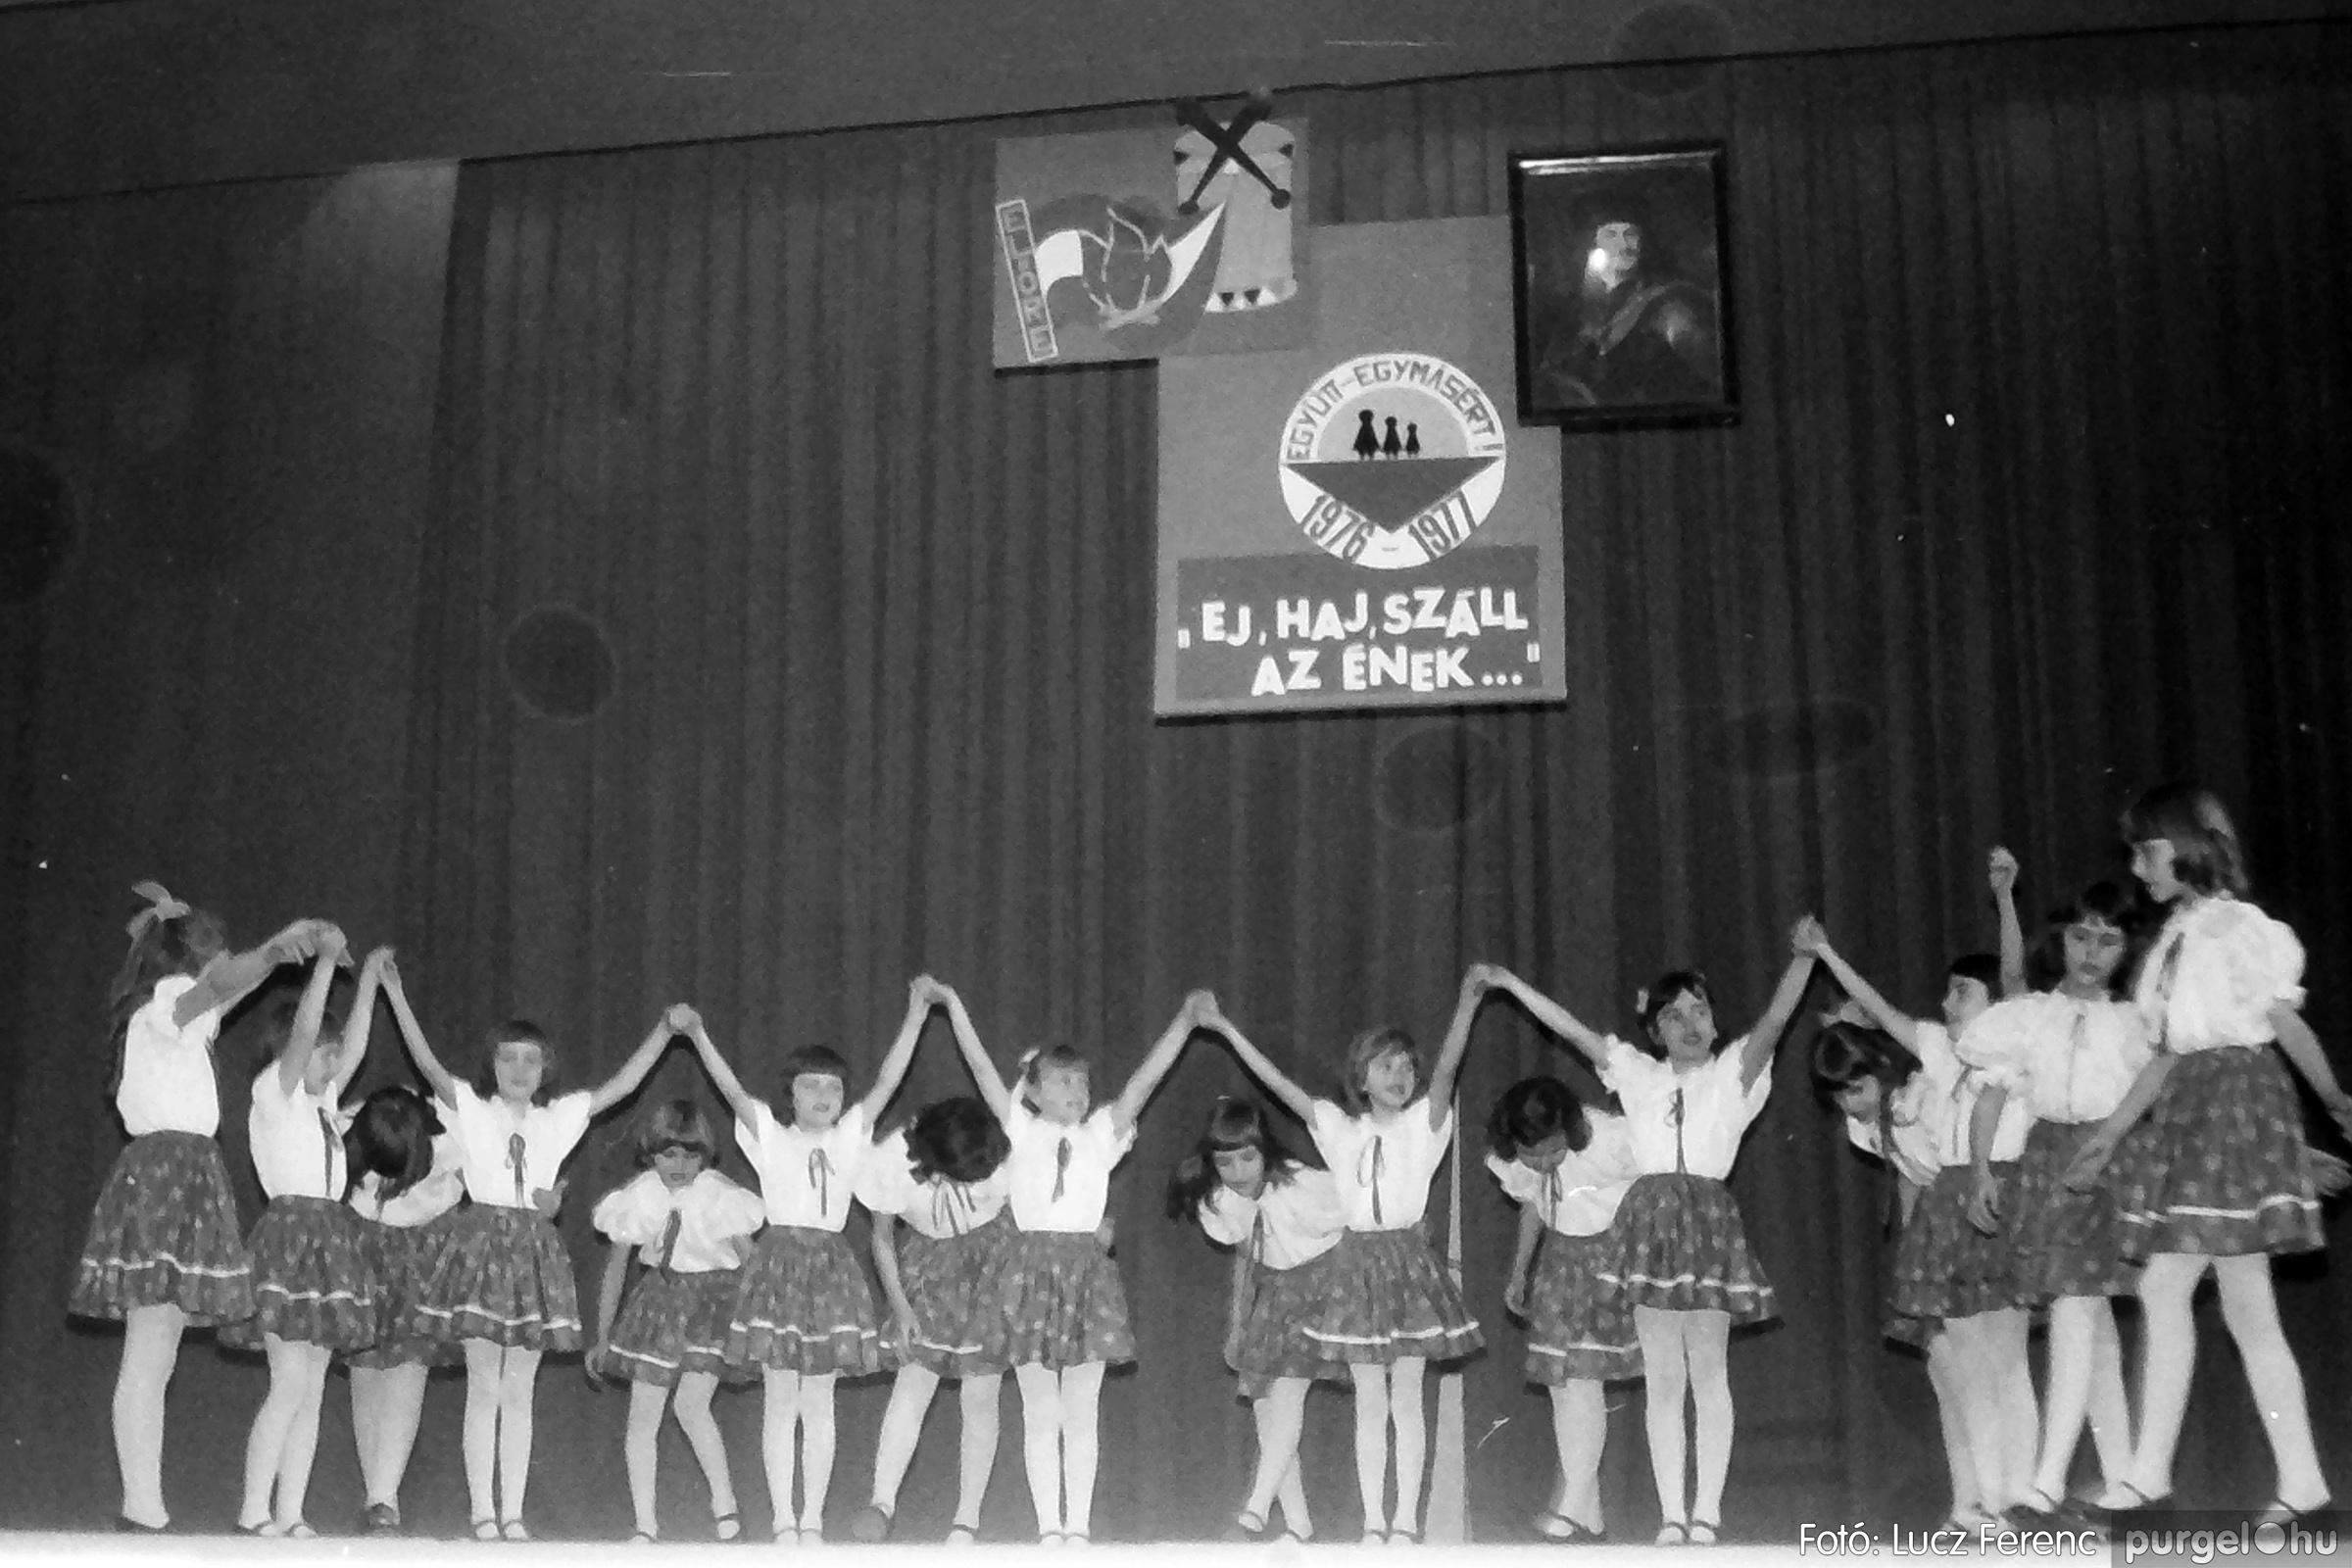 077. 1977. Kulturális seregszemle Mindszenten 004. - Fotó: Lucz Ferenc.jpg